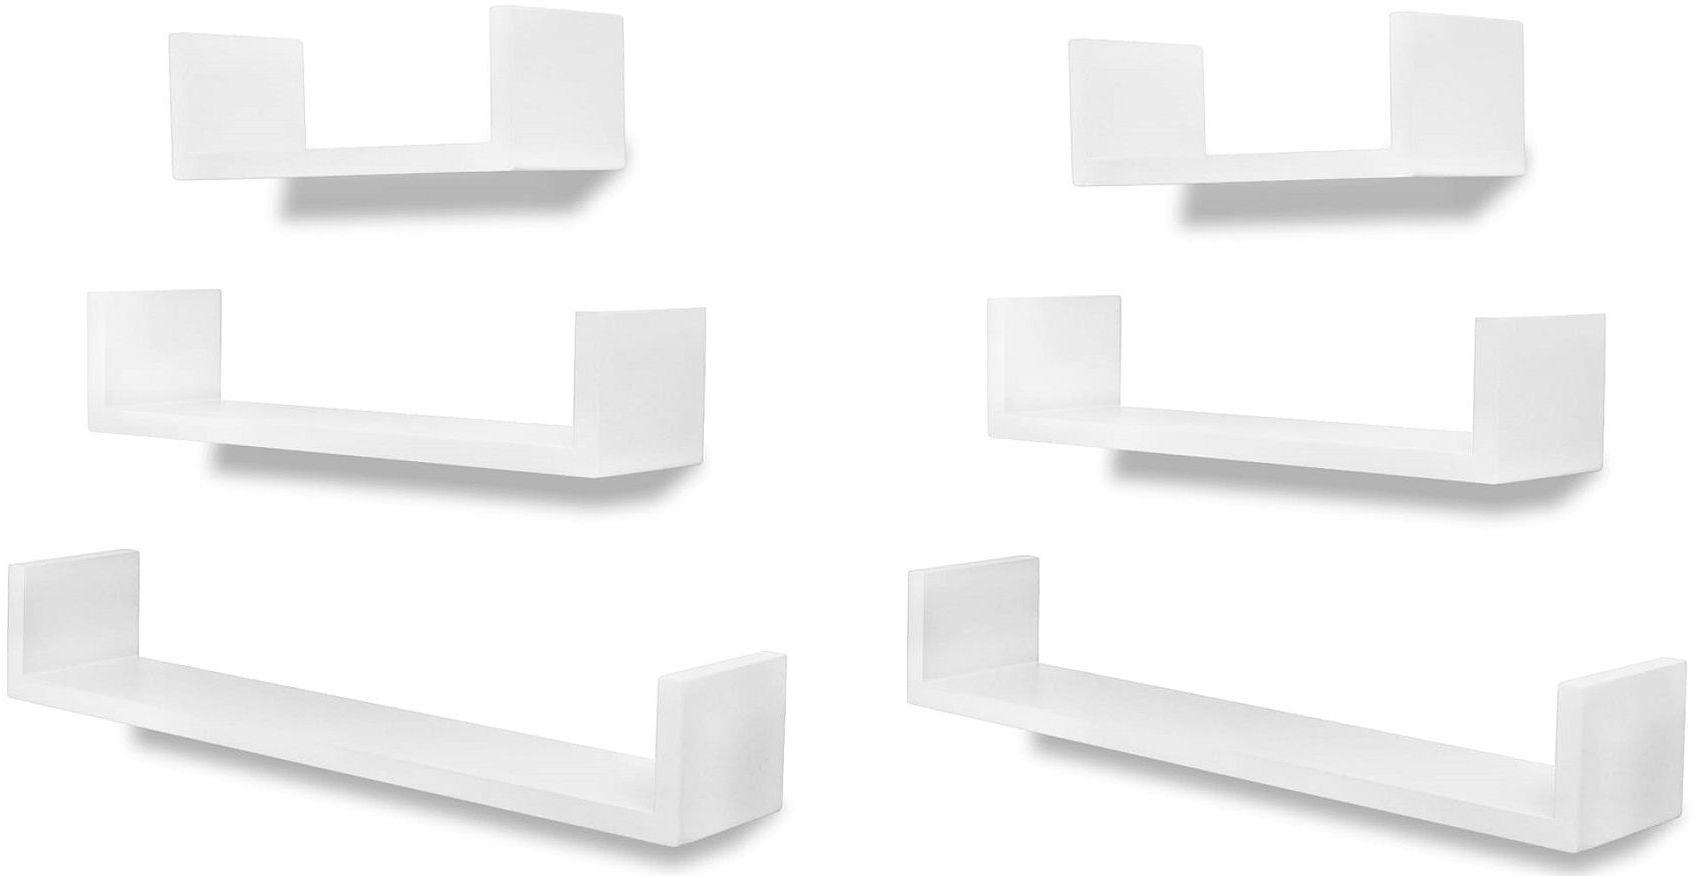 Zestaw modułowych półek ściennych Baffic 4X - biały